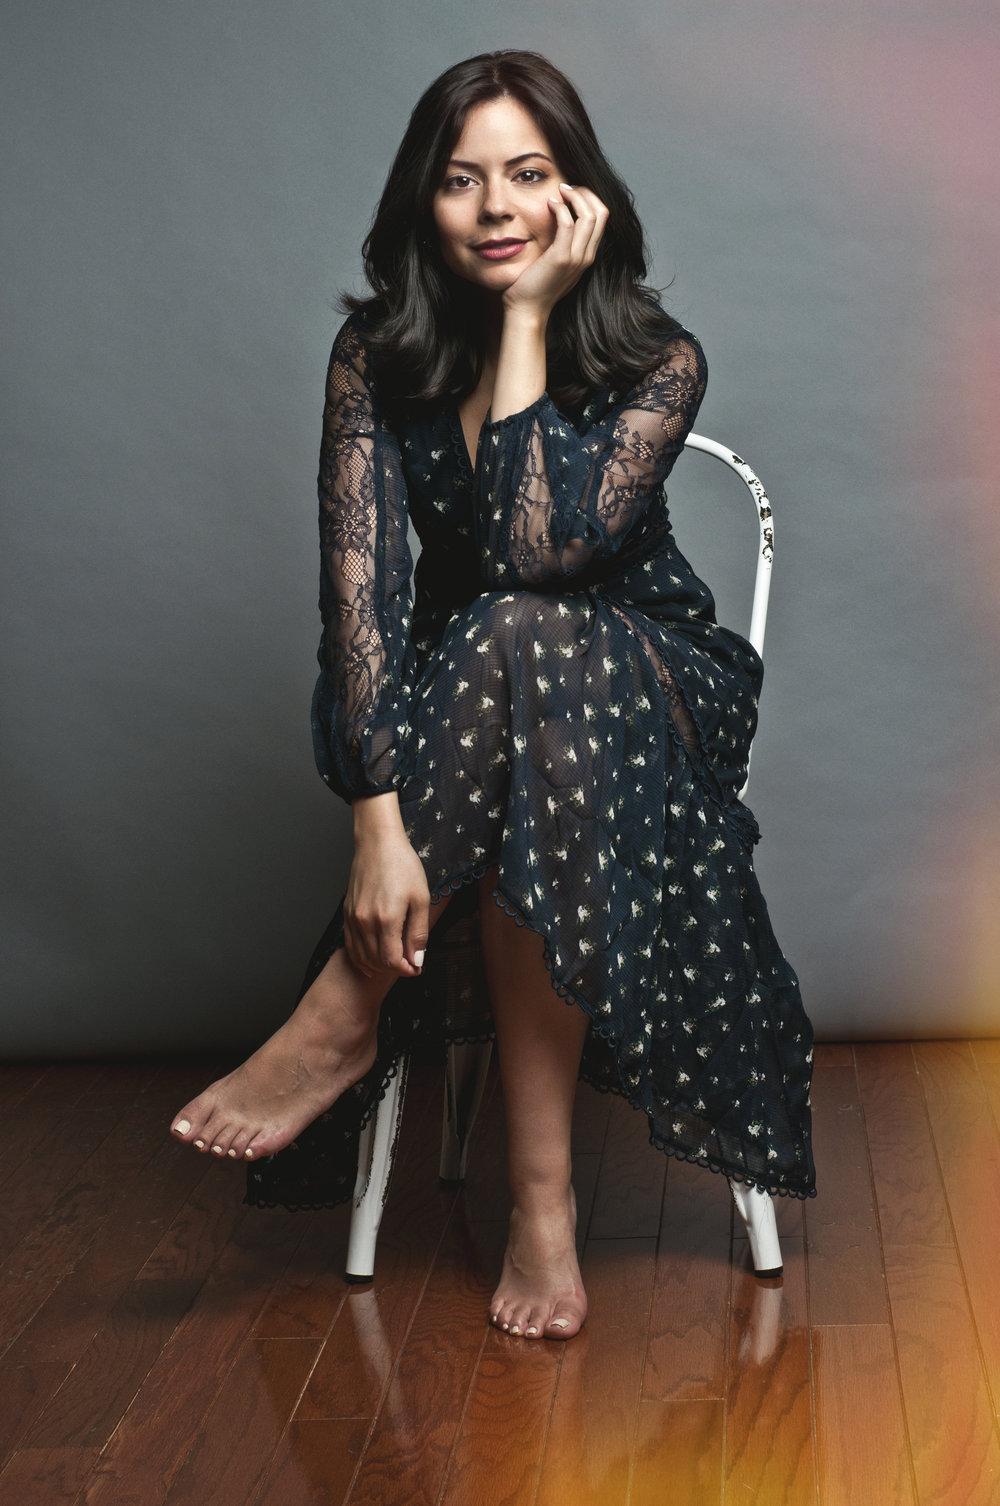 Photographer: Birdie Thompson   Make-up: JaeLynn Schneider Represented by Michelle Q Beauty